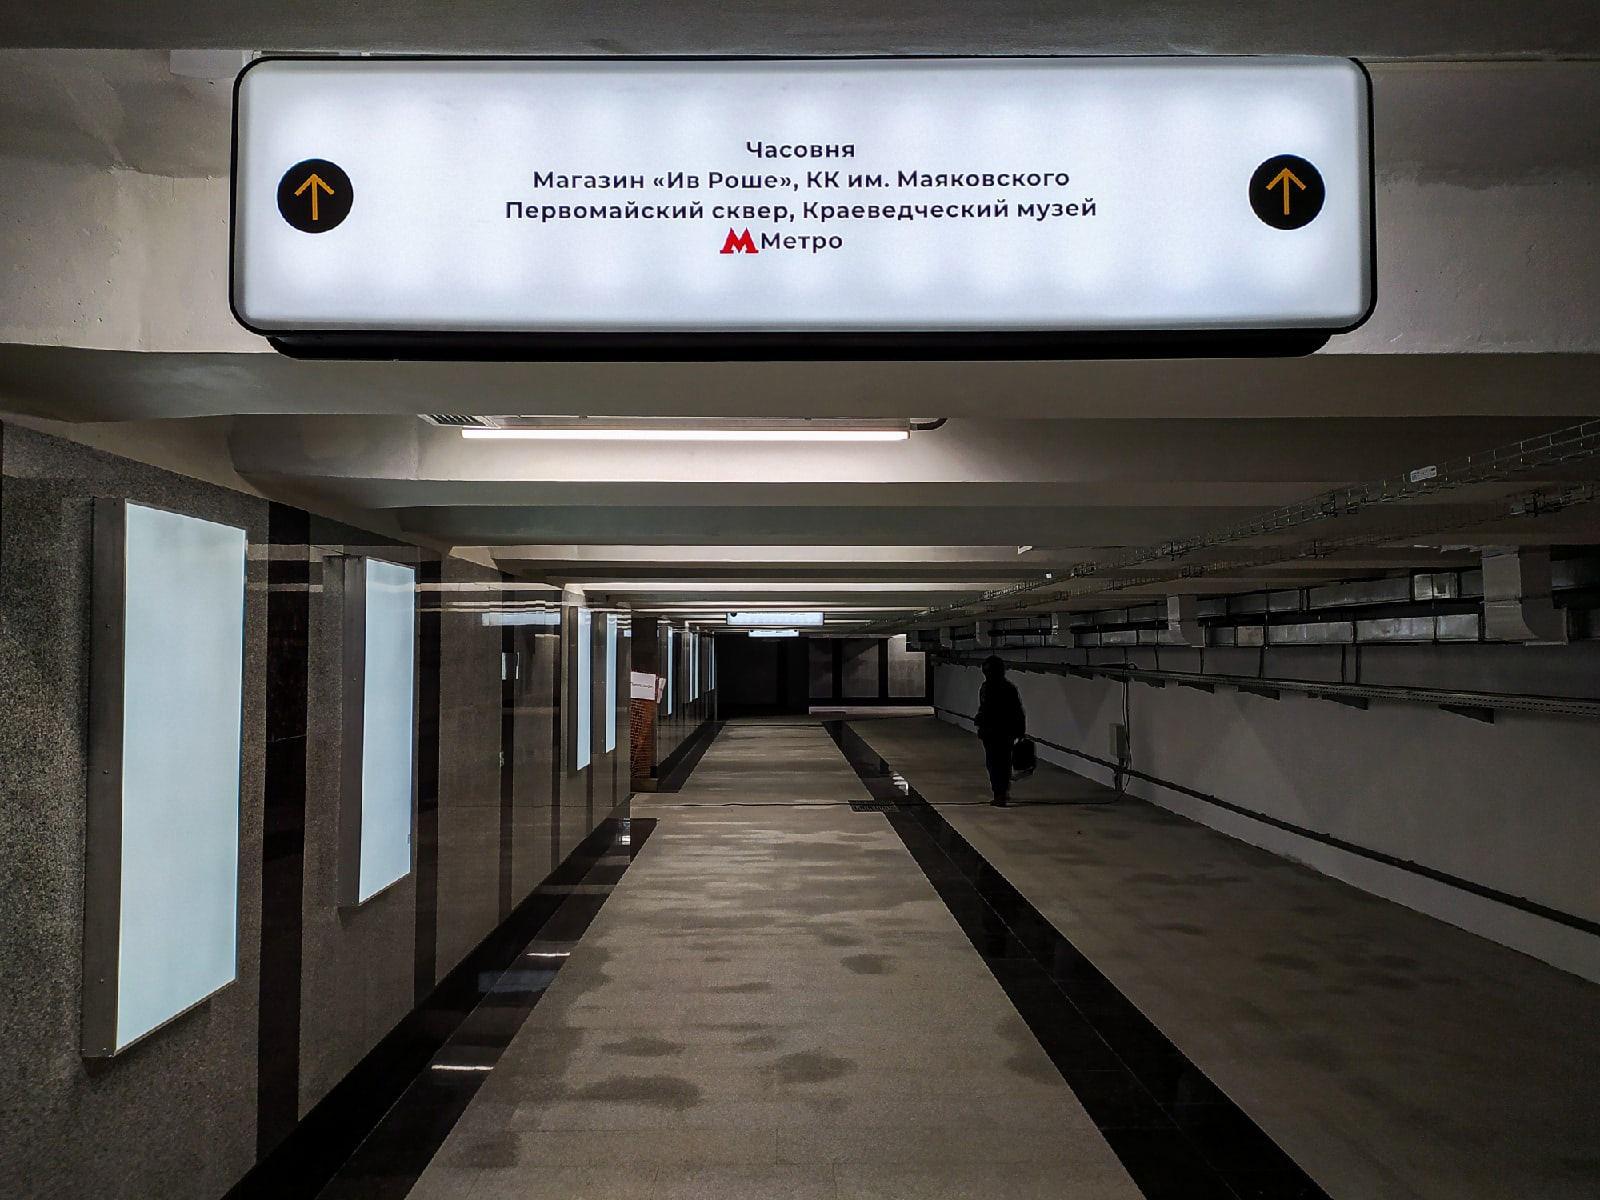 фото Подземный переход открыли на Красном проспекте в Новосибирске: 9 фото после реконструкции 9